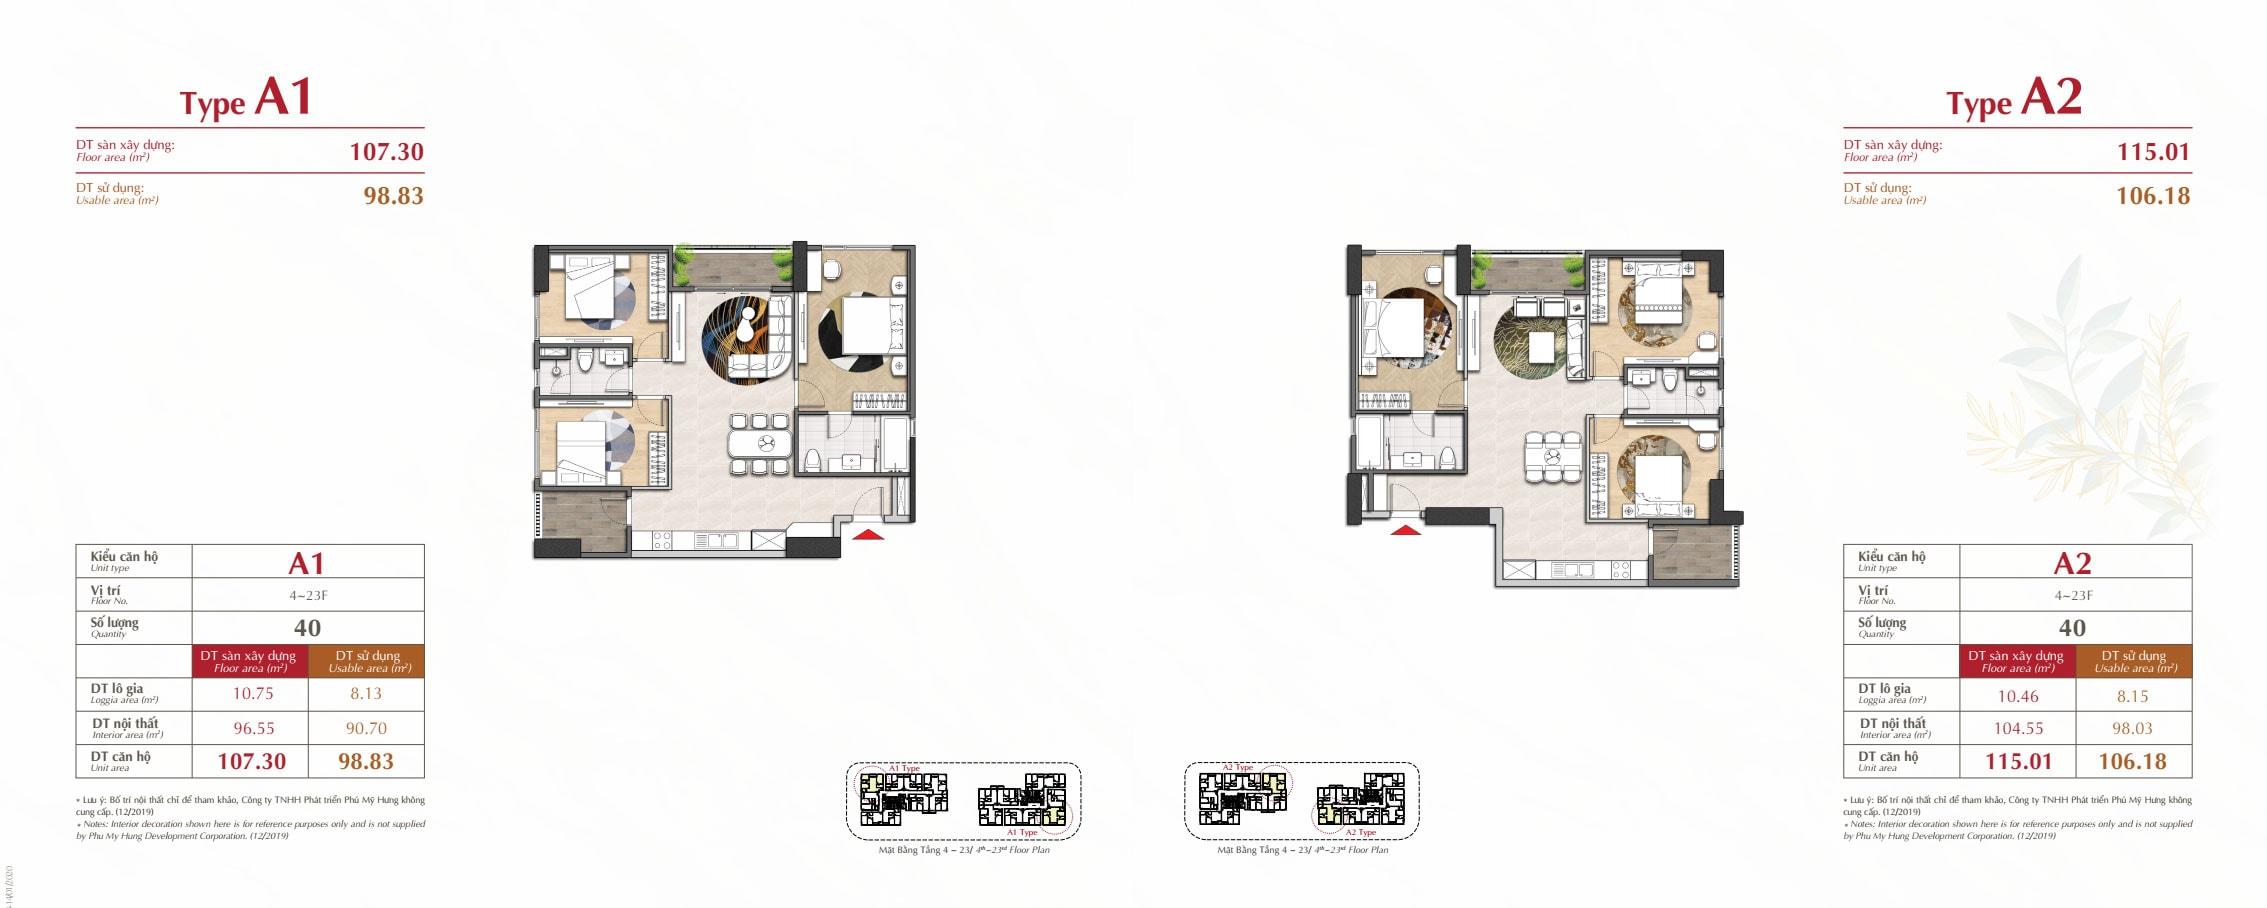 Kiểu nhà type a1 và a2 dự án Antonia Phú Mỹ Hưng